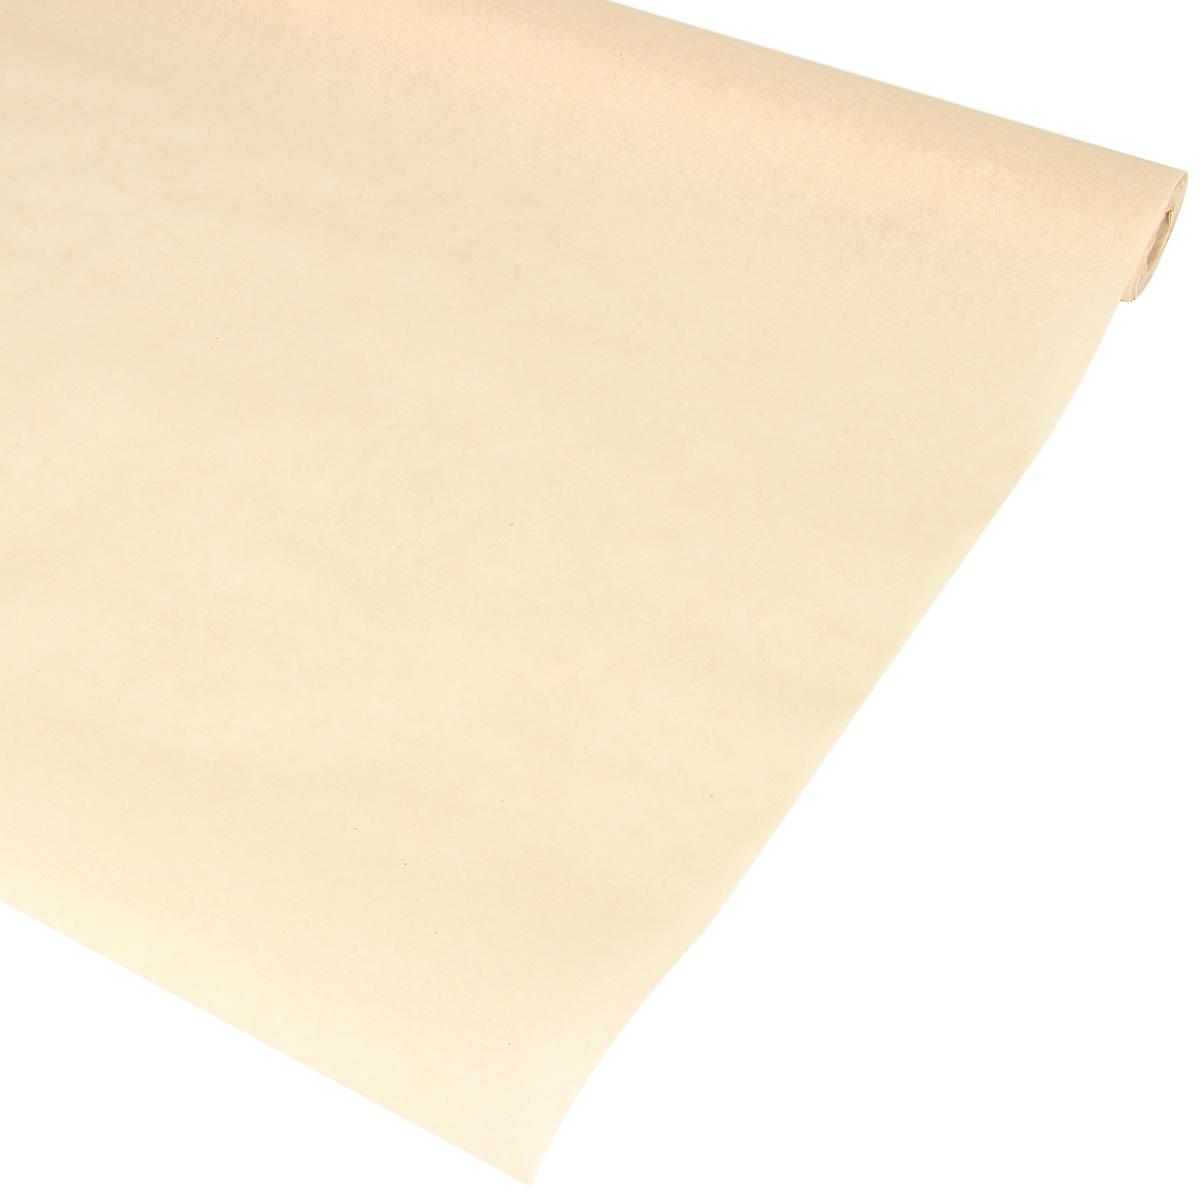 Бумага упаковочная Veld-Co Пергамент 11, цвет: кремовый (13), 83 см х 10 м63505Любой подарок начинается с упаковки. Что может быть трогательнее и волшебнее, чем ритуал разворачивания полученного презента. И именно оригинальная, со вкусом выбранная упаковка выделит ваш подарок из массы других. Она продемонстрирует самые тёплые чувства к виновнику торжества и создаст сказочную атмосферу праздника - это то, что вы искали.